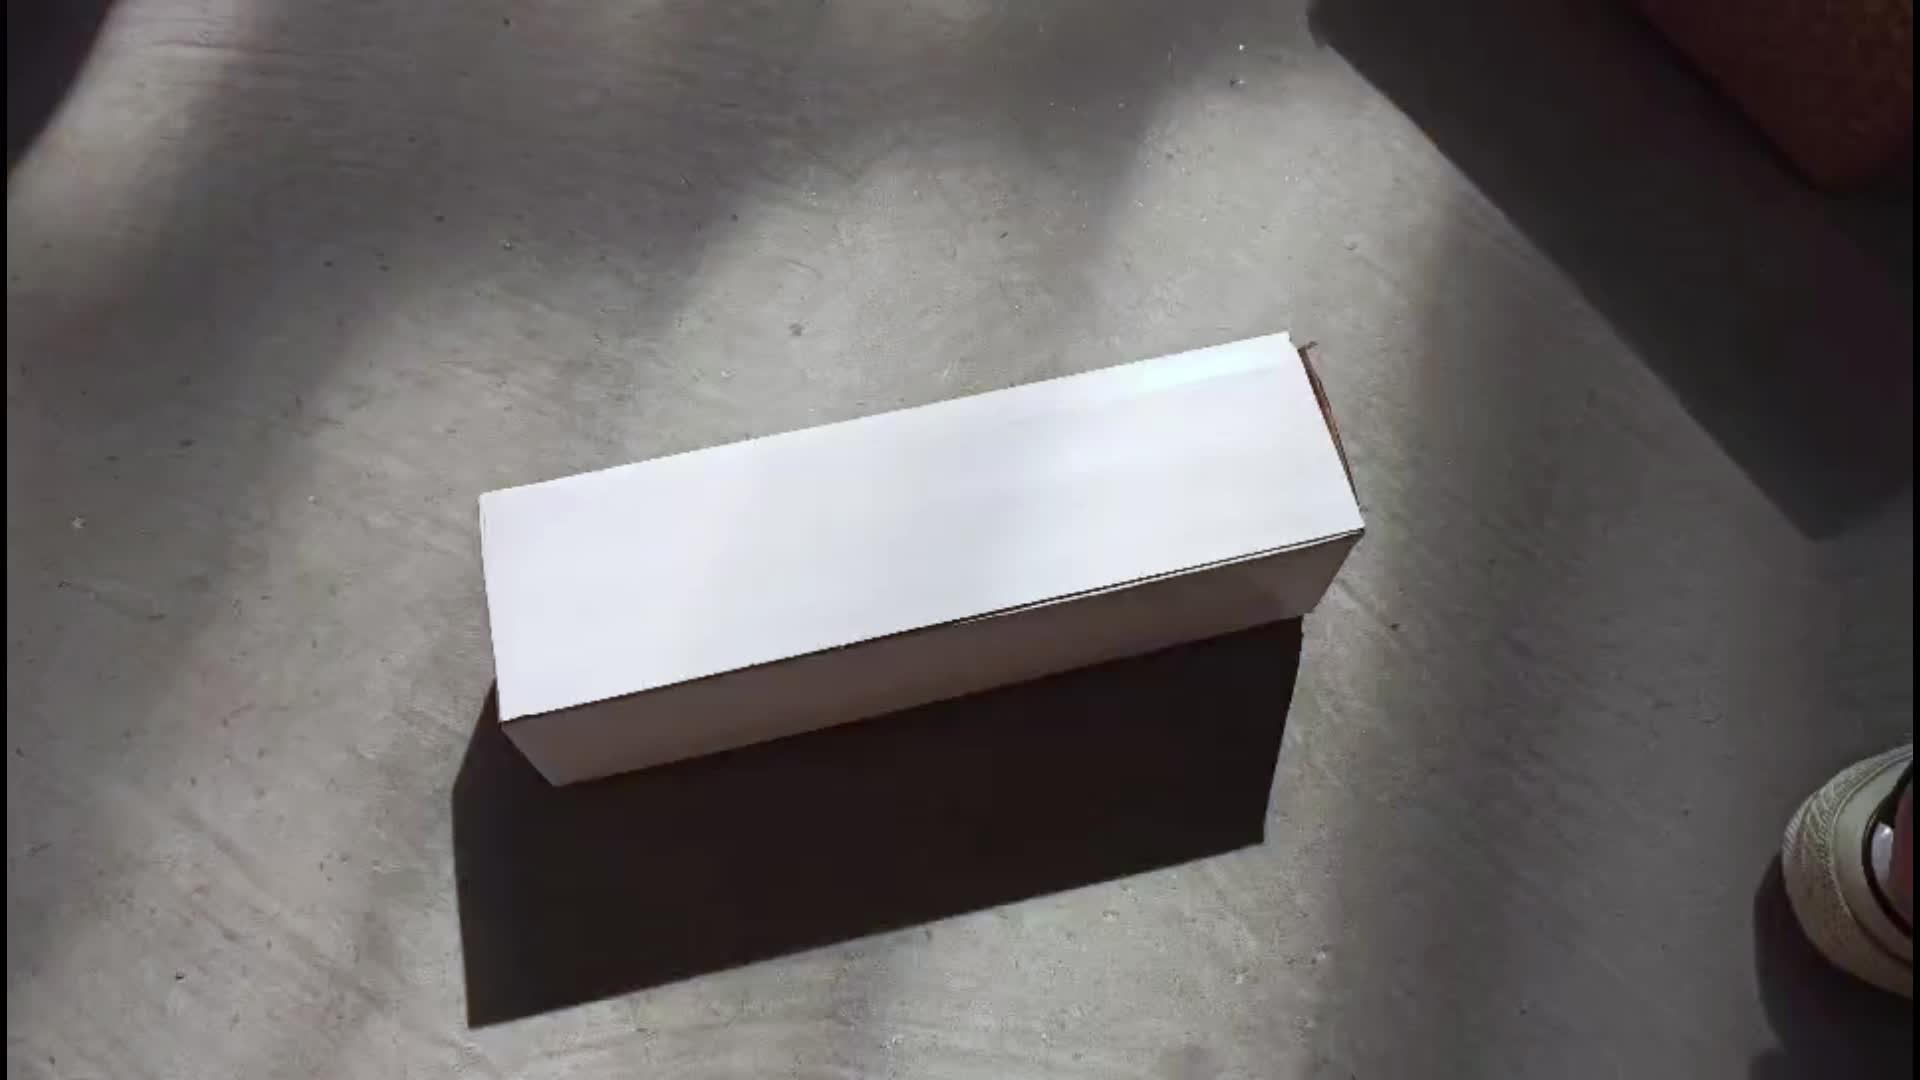 Горячая продажа 18/8 нержавеющая сталь Спортивная бутылка для воды 750 мл Изолированная узкая колба для рта